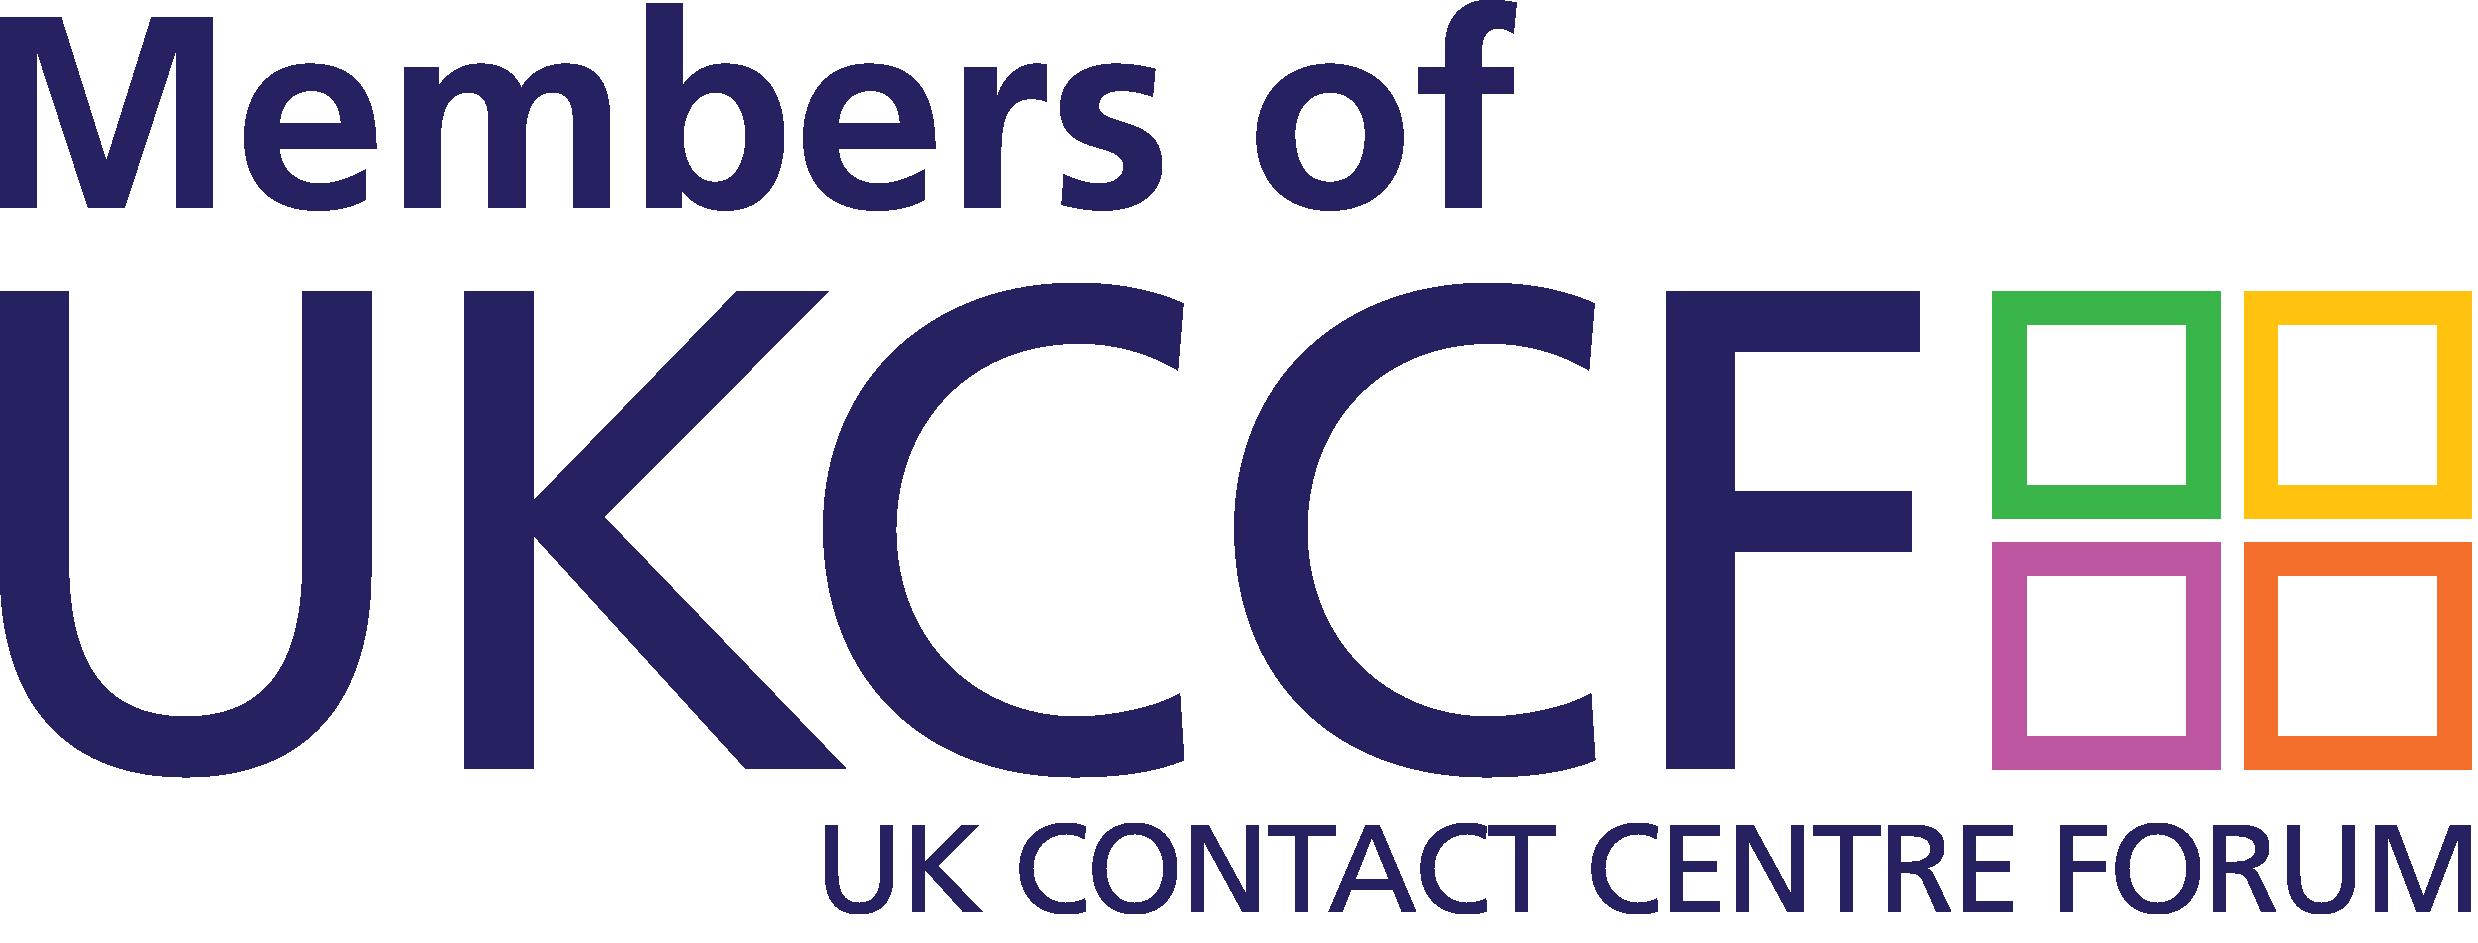 UKCCF Member logo